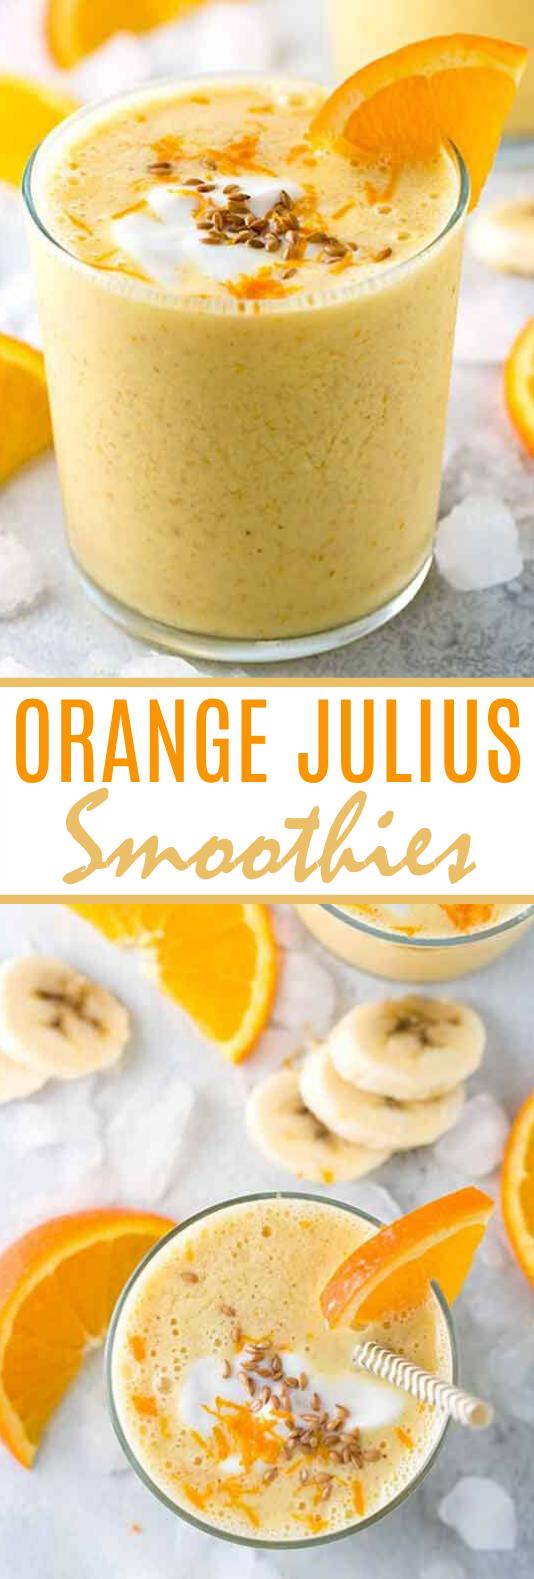 Orange Julius Smoothie #drinks #smoothies #healthy #breakfast #juice